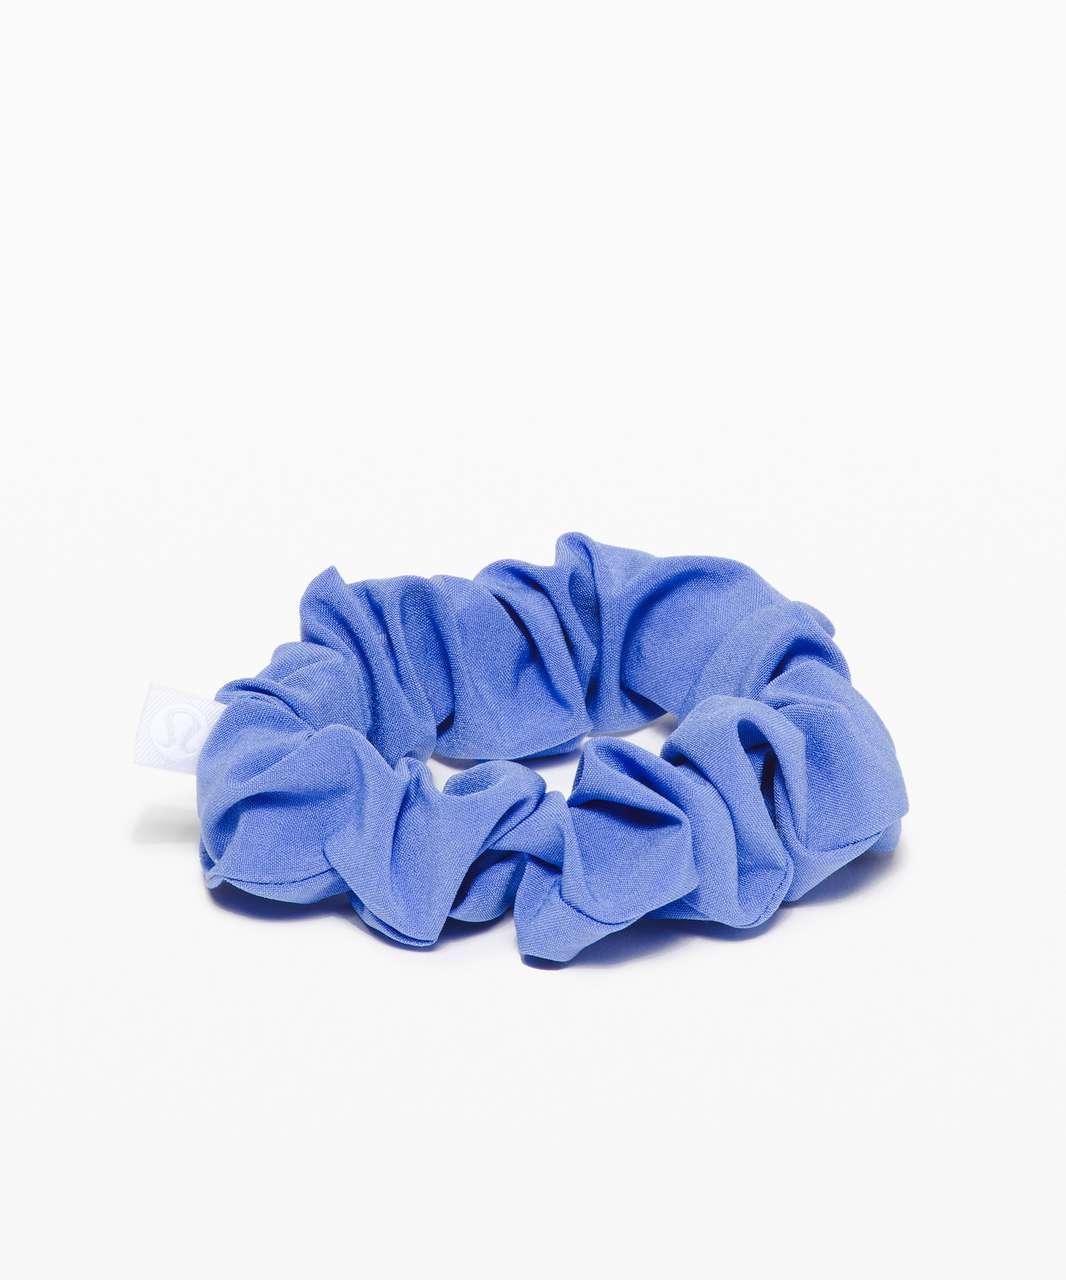 Lululemon Uplifting Scrunchie - Violet Viola